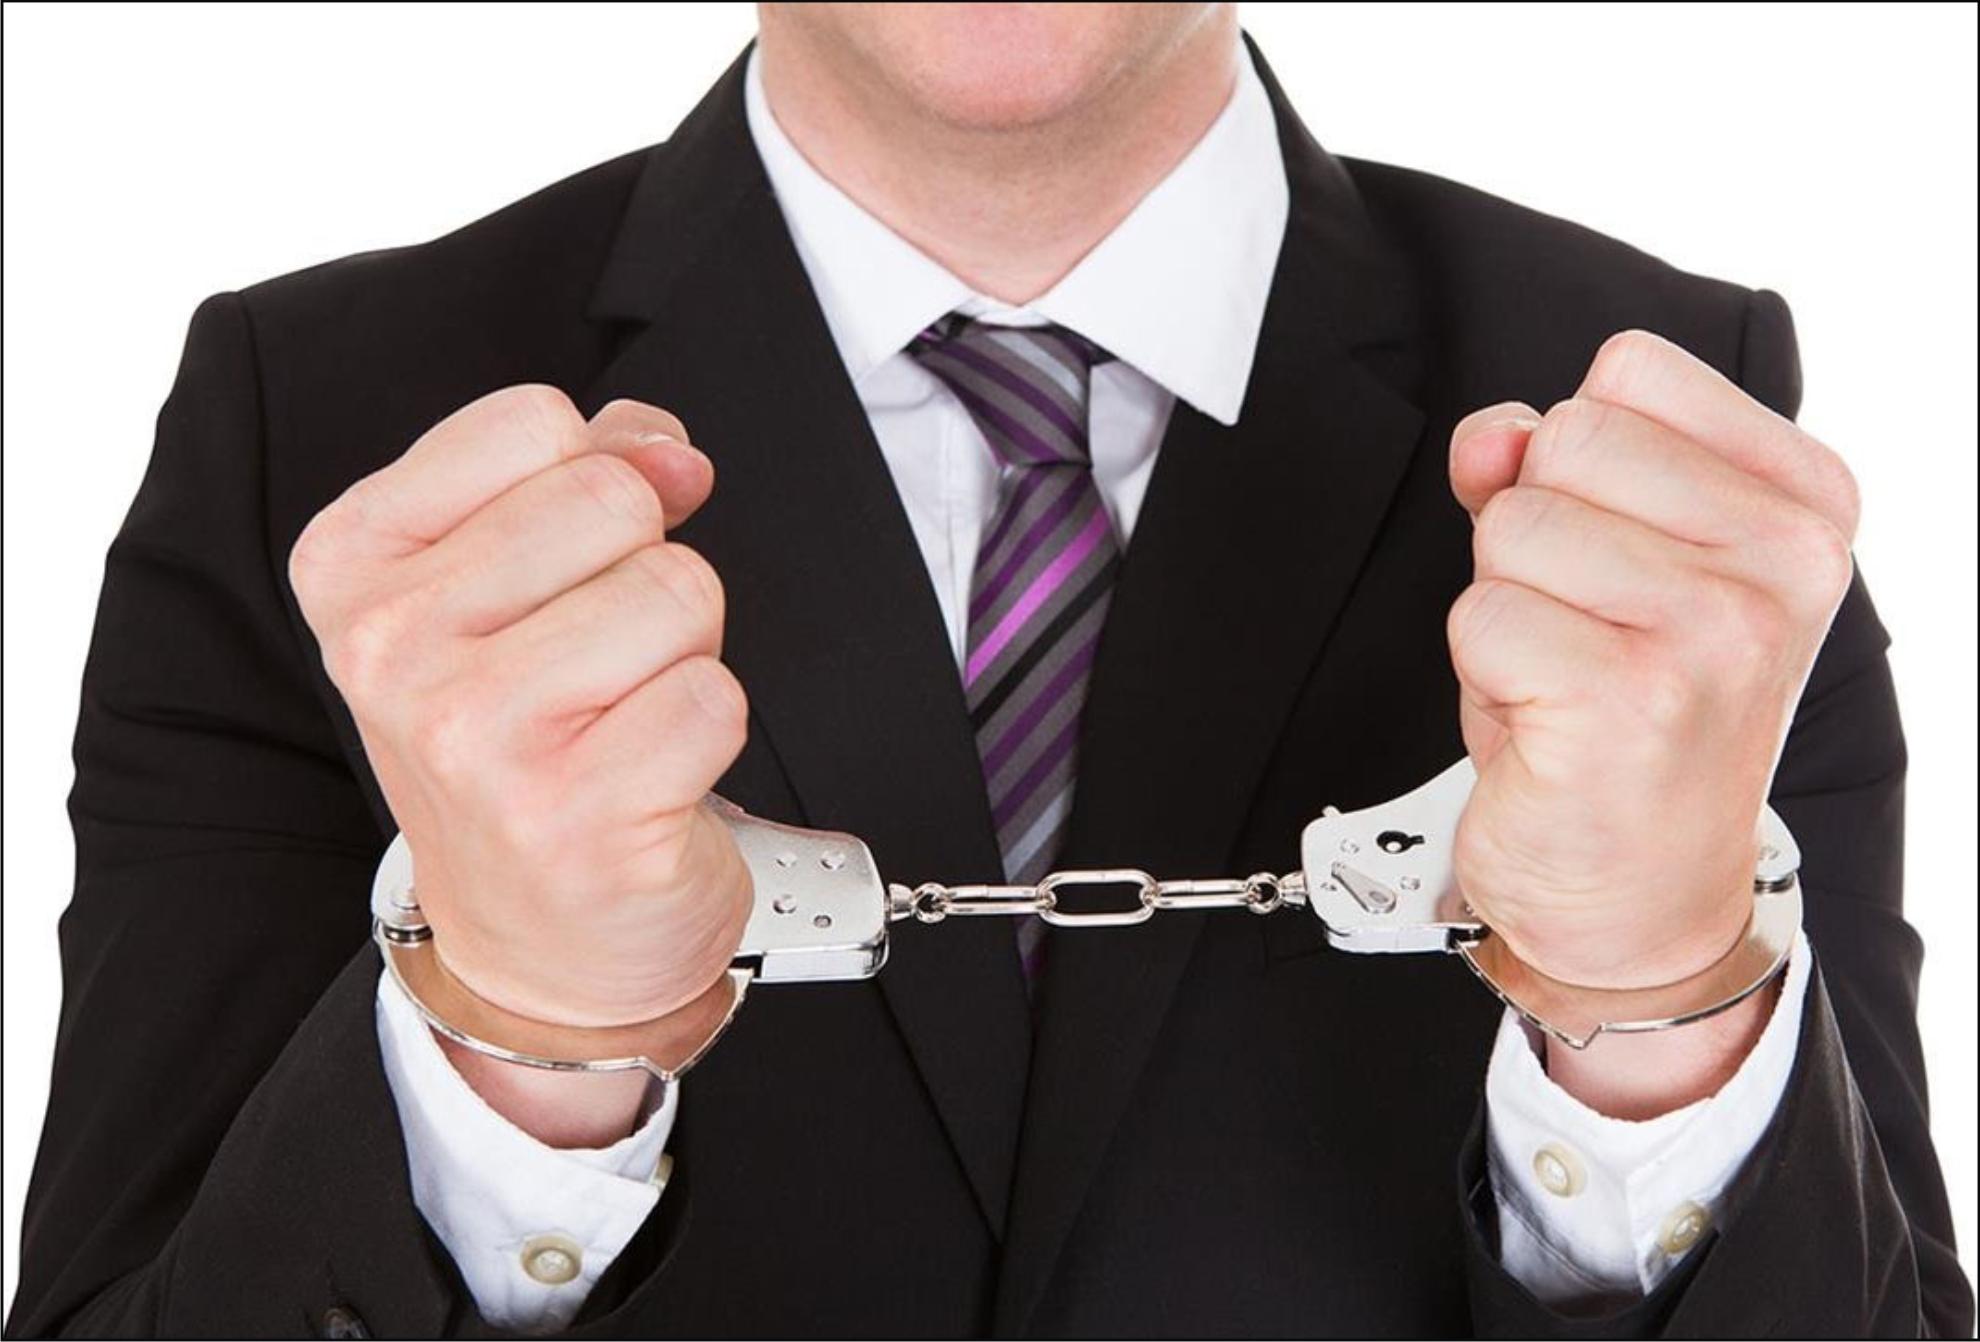 Advogado é condenado por contrariar interesses de cliente em processo